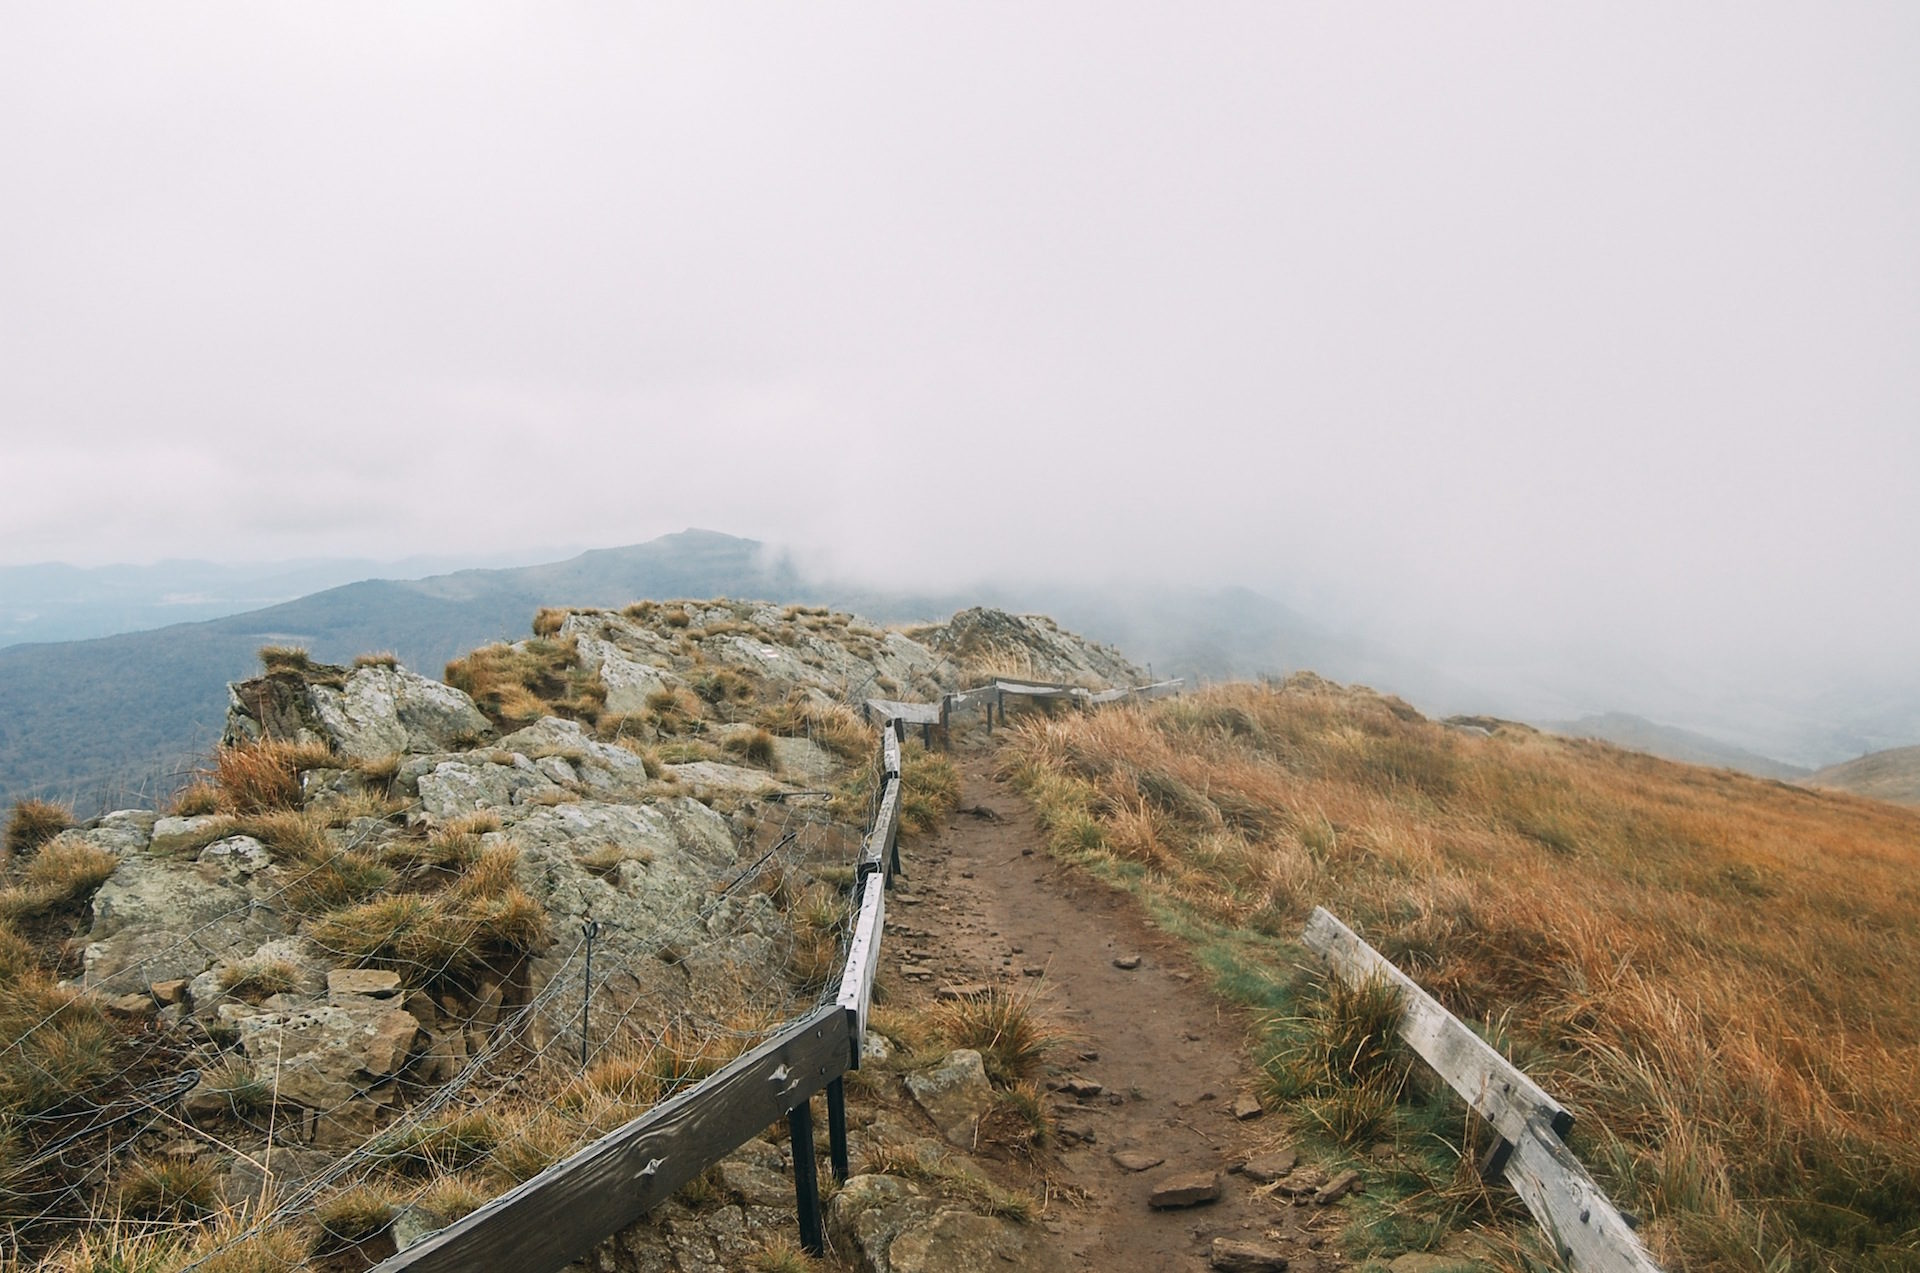 Strada, campo, Montagna, nebbia, perso - Sfondi HD - Professor-falken.com